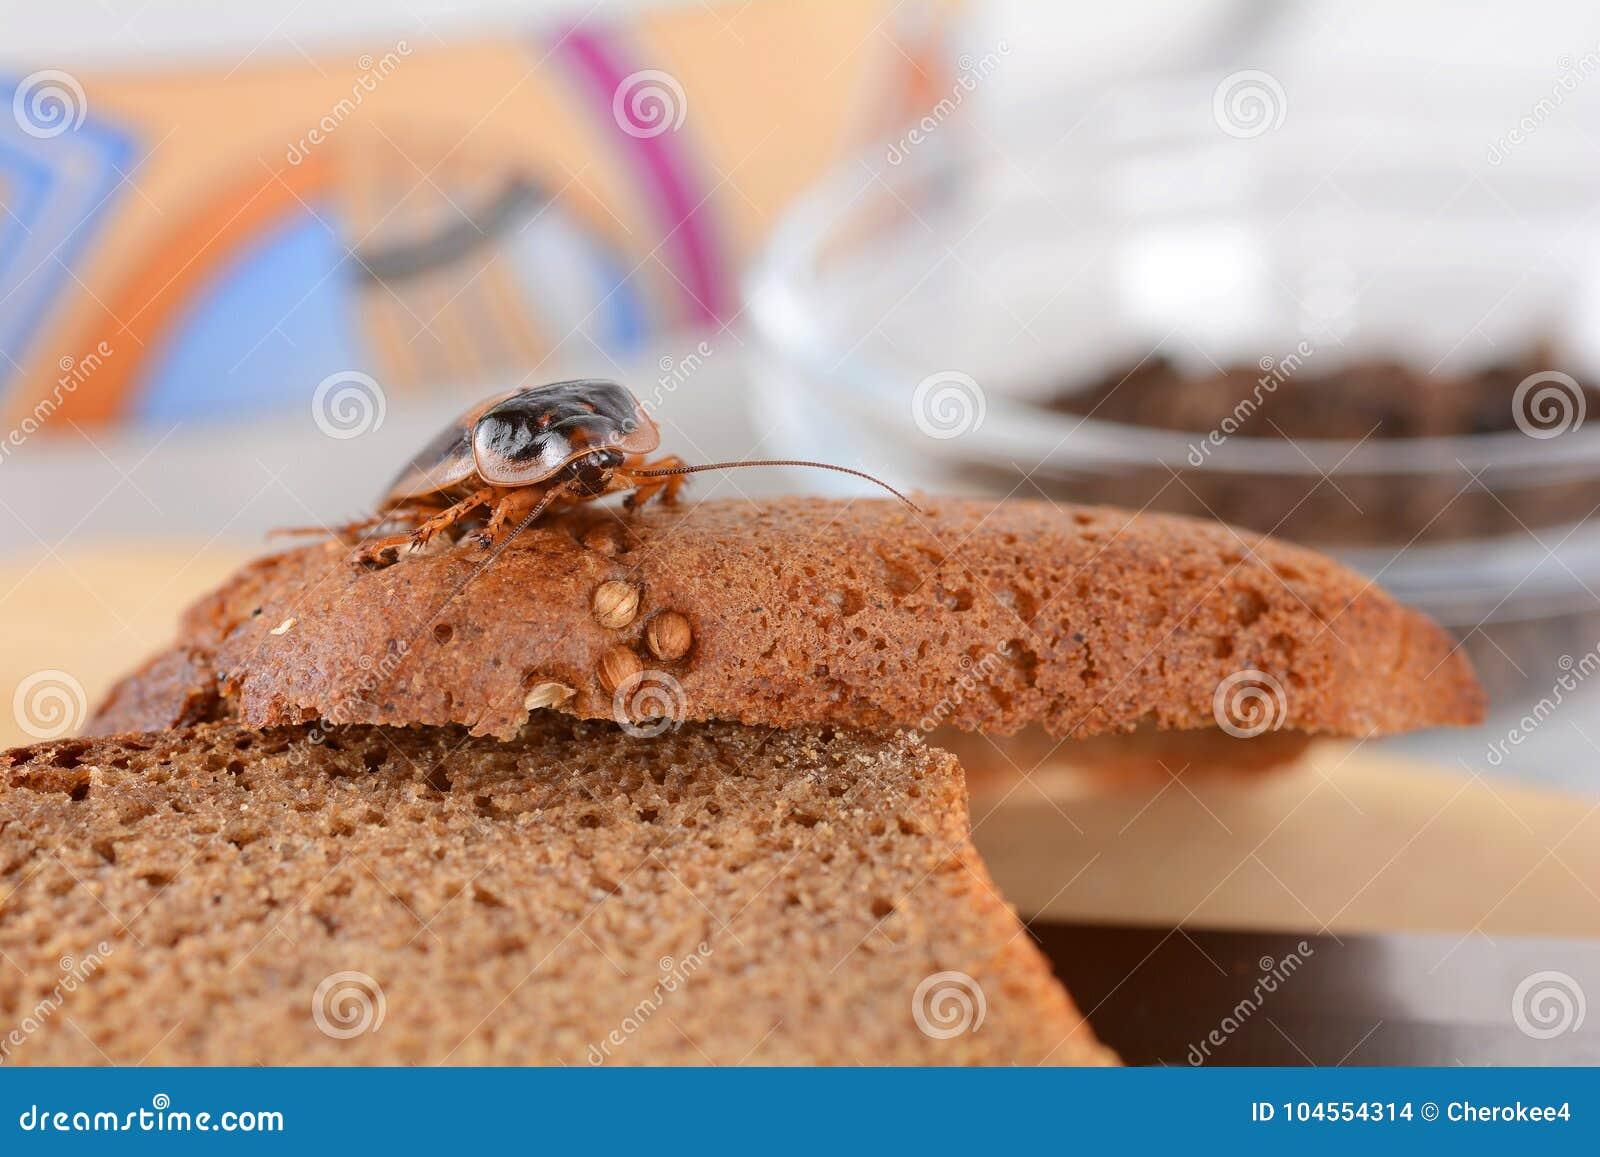 Таракан в кухне Проблема в доме из-за тараканов Таракан есть в кухне